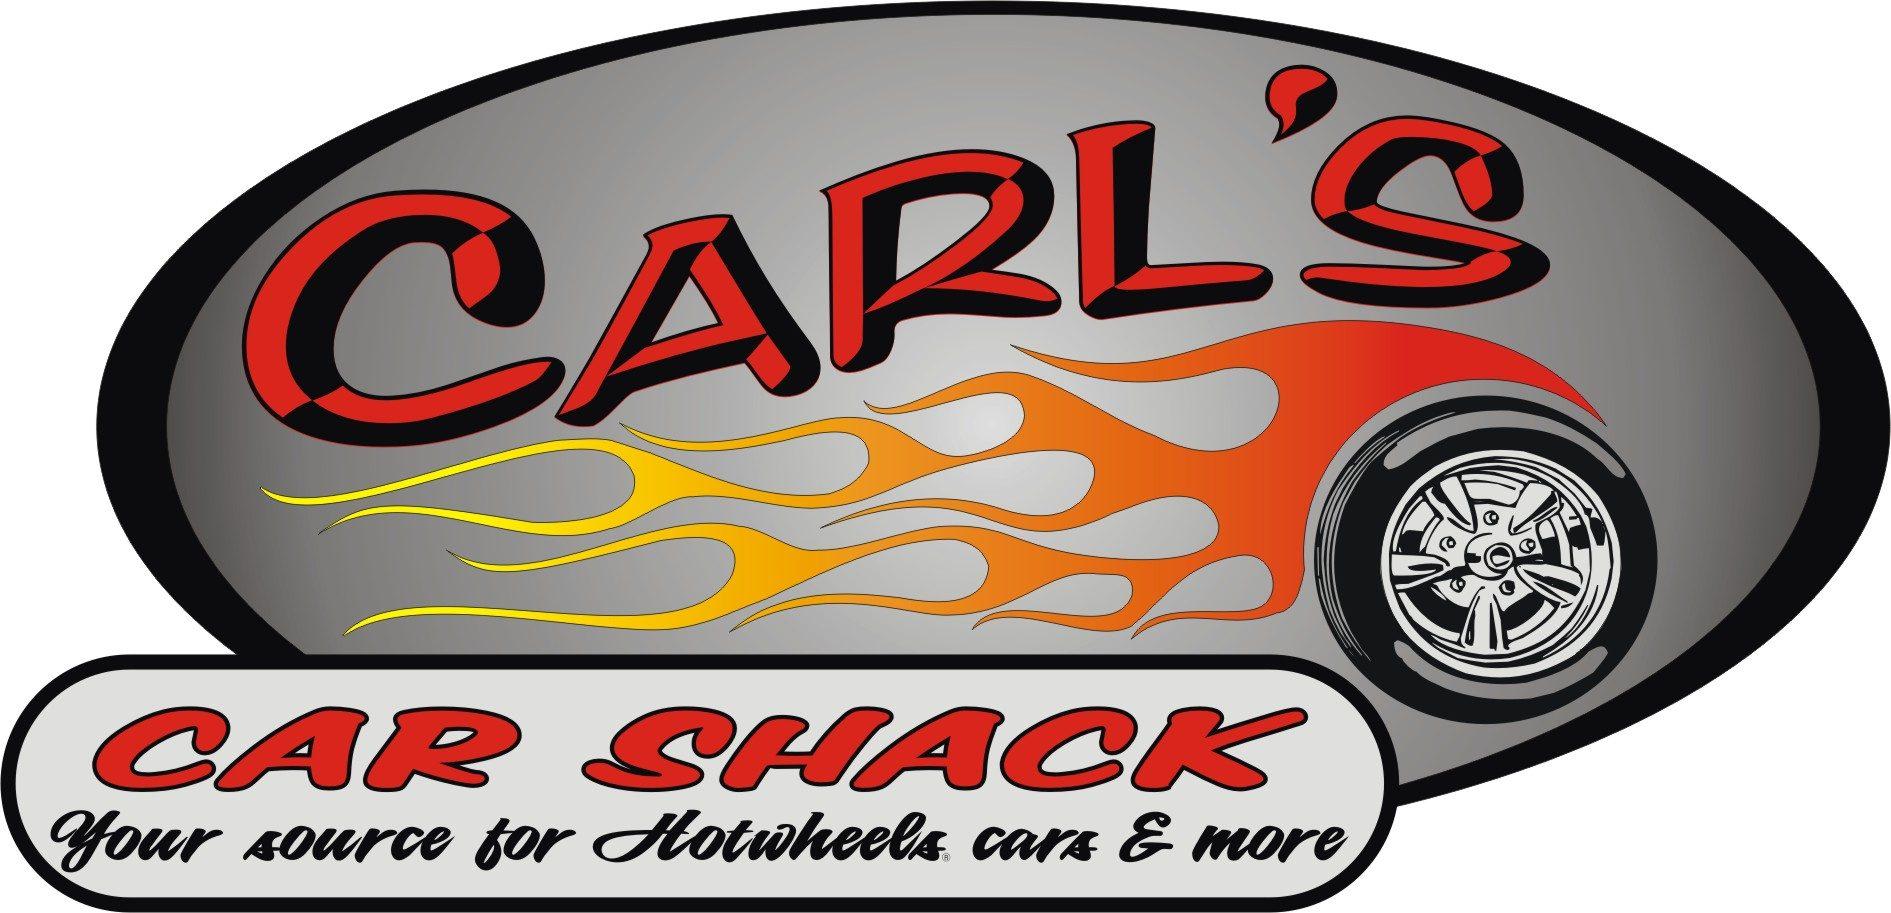 Carl's Car Shack